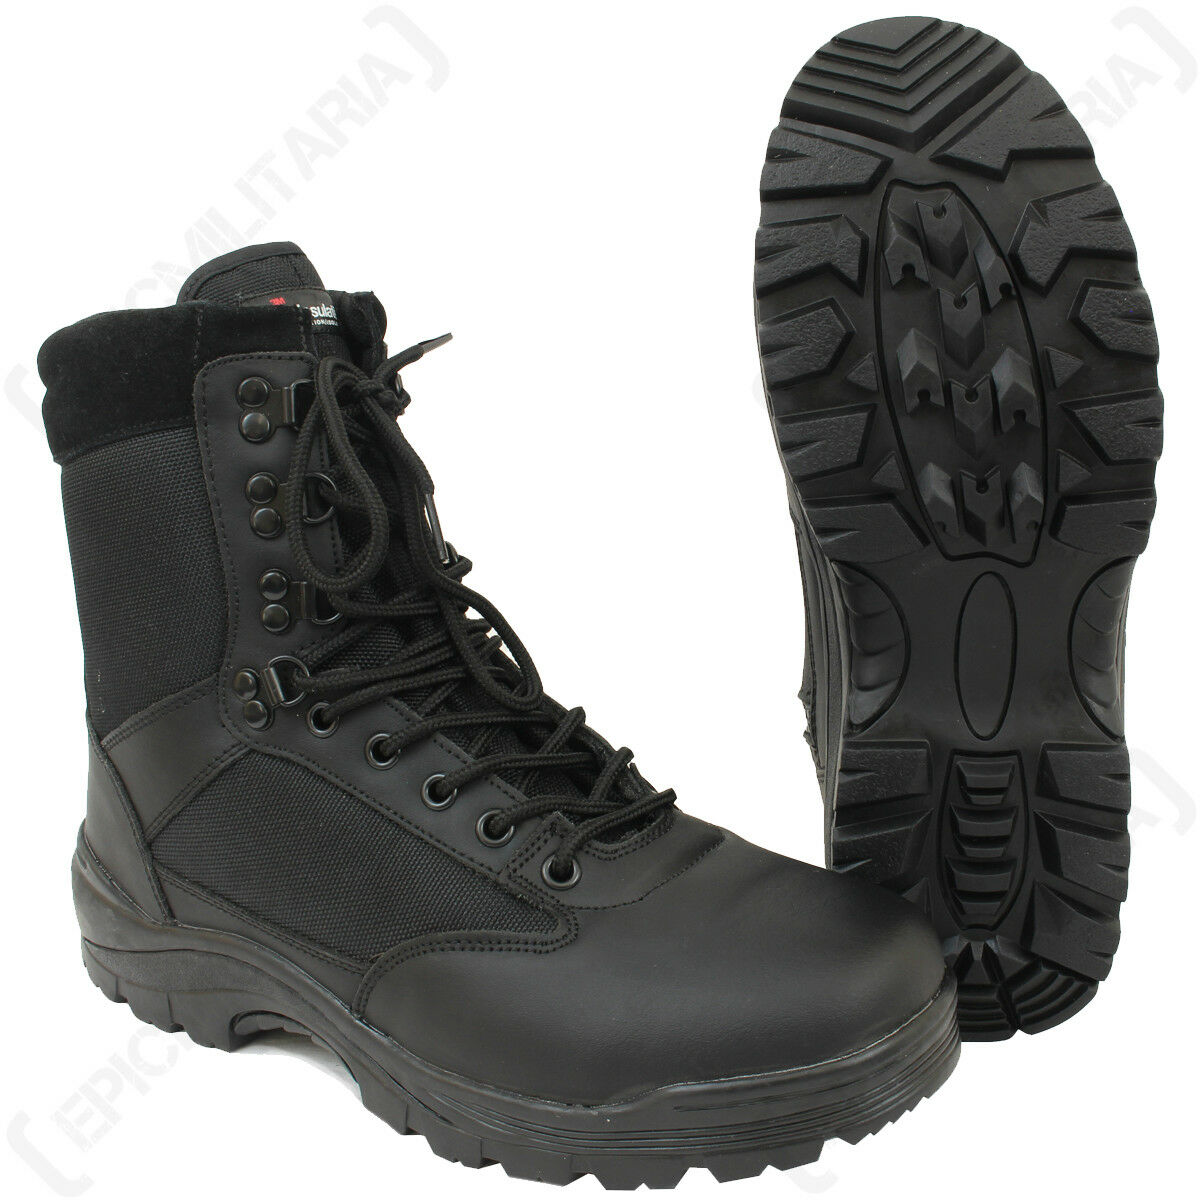 Schwarz Taktisch Armee Stiefel Militär mit YKK Reißverschluss - Militär Stiefel Kadetten Airsoft 5de9b9